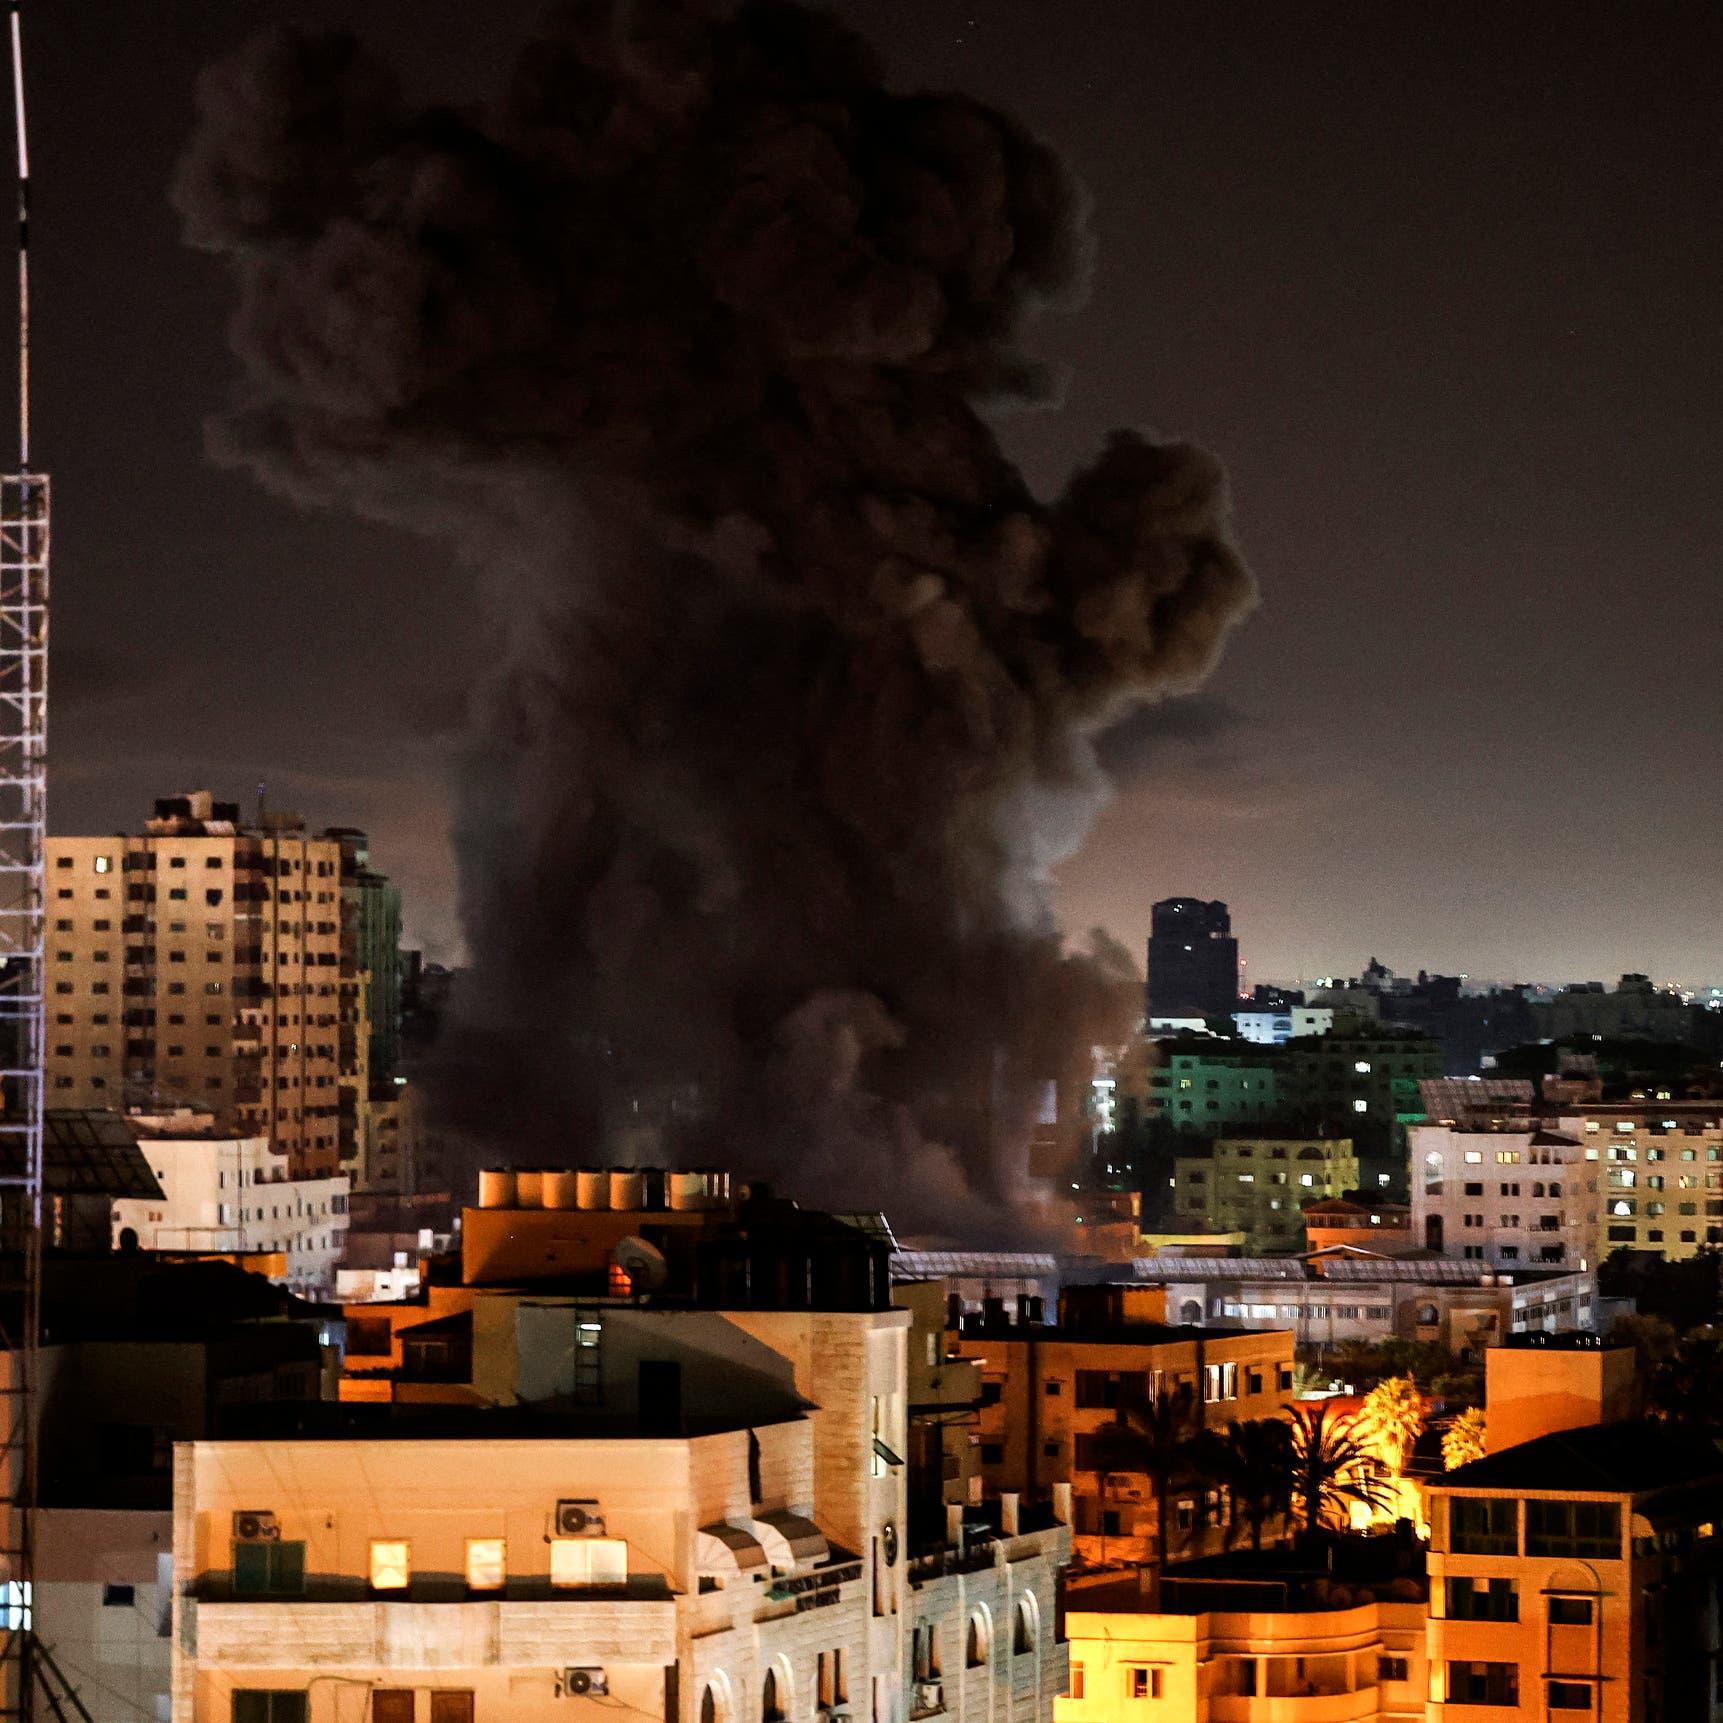 كيف تحصل إسرائيل على معلوماتها لضرب أهدافها بدقة في غزة؟